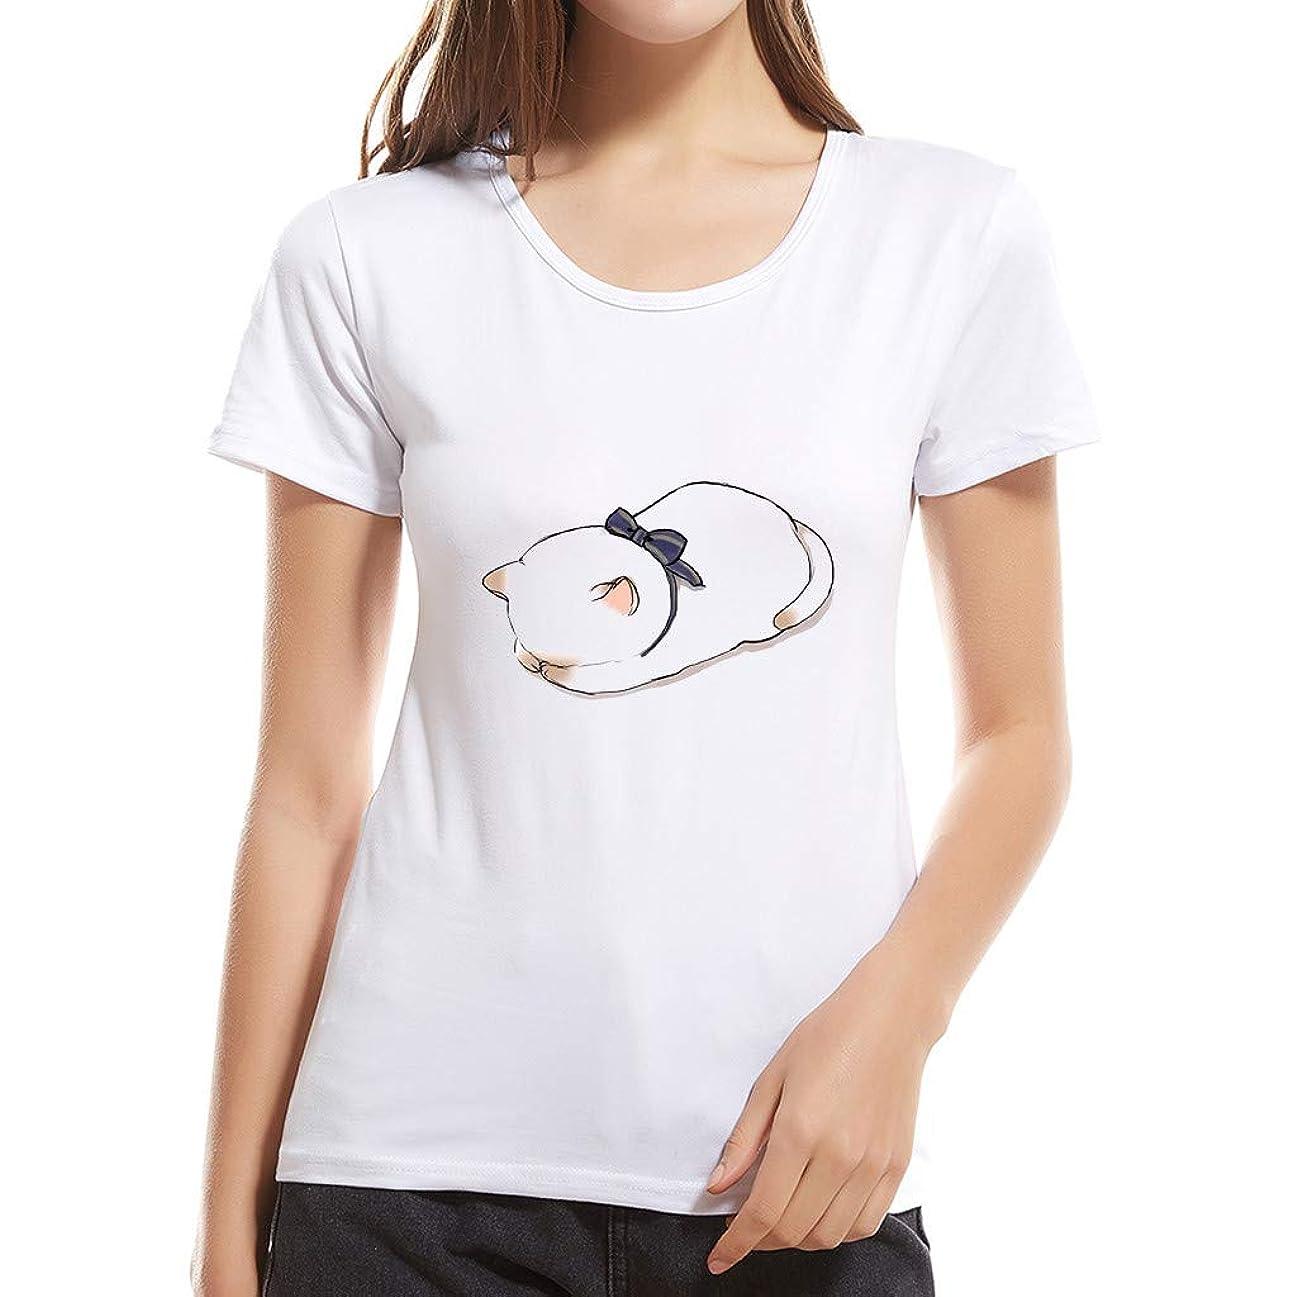 執着テメリティアクションカットソー Joielmal-Tシャツ 男女 上着 クルーネック トップス 着心地さらさらカジュアル シンプル 夏服 超可愛い 猫柄 シャツ 日韓風 インナー 通勤 通学 旅行 日常用